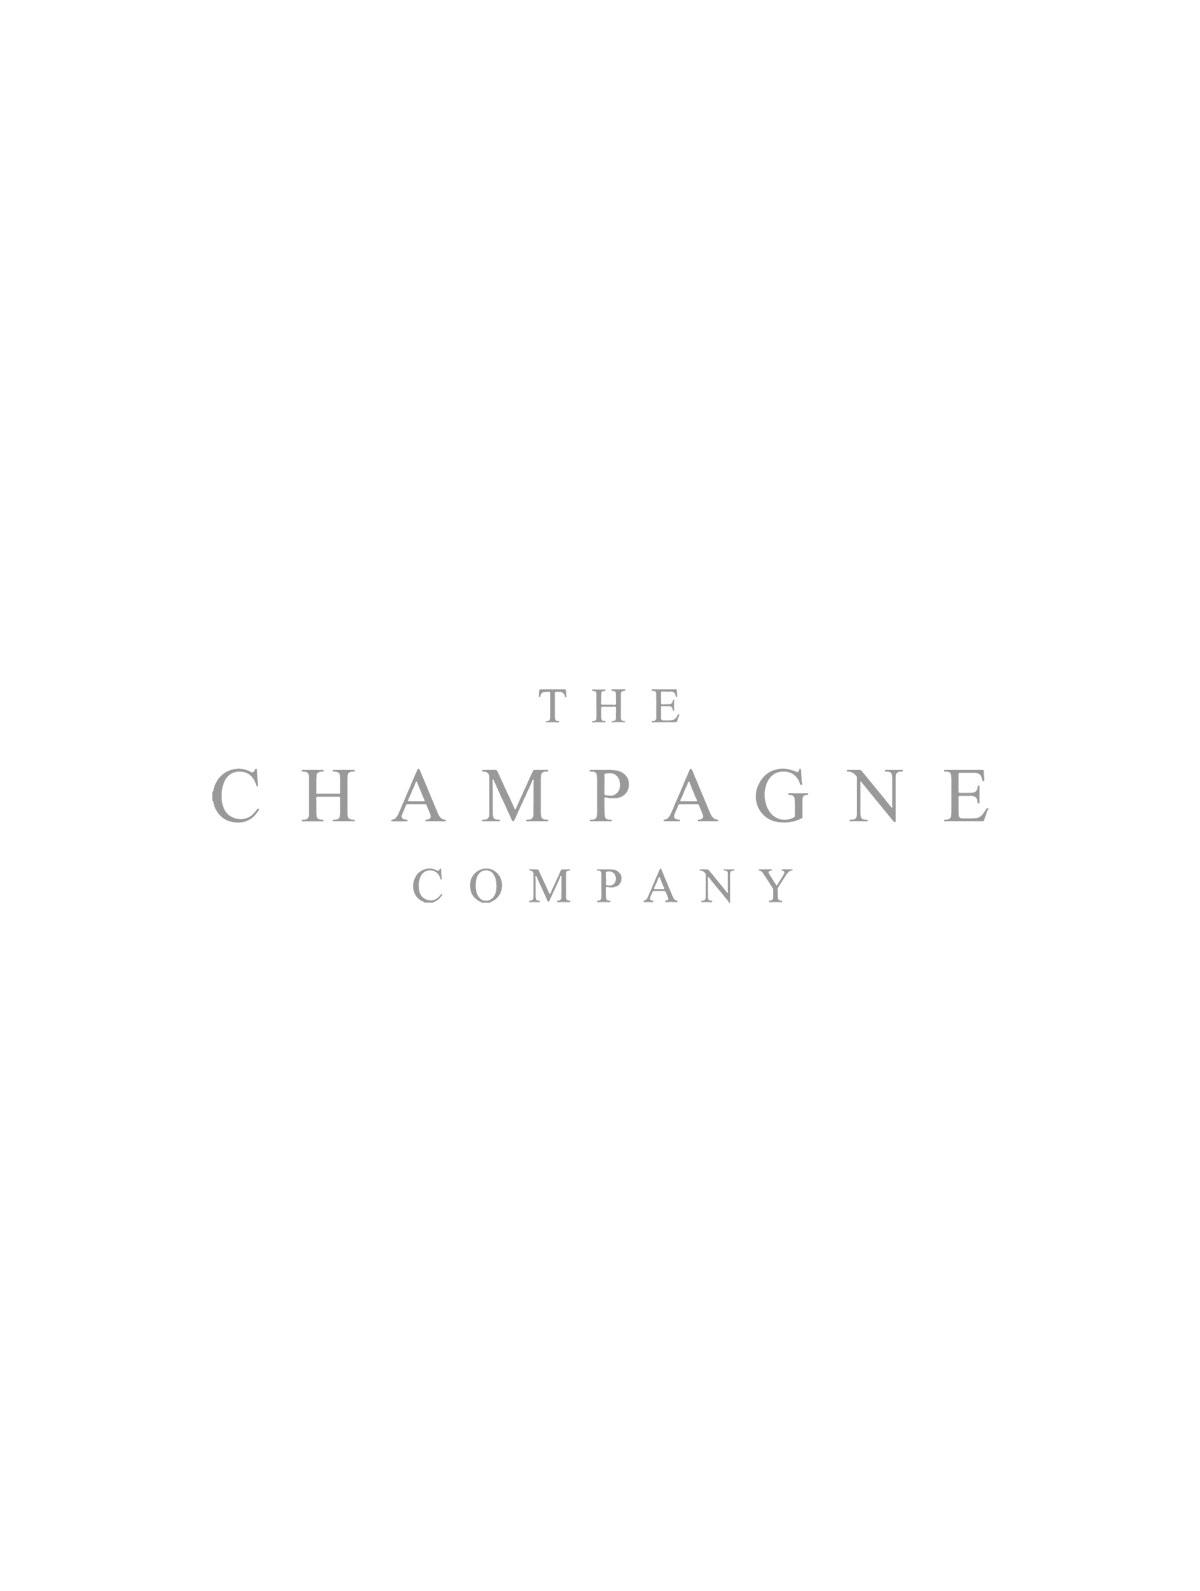 Pierre Gimonnet et Fils Cuvee Fleuron 2009 Champagne Vintage 75cl